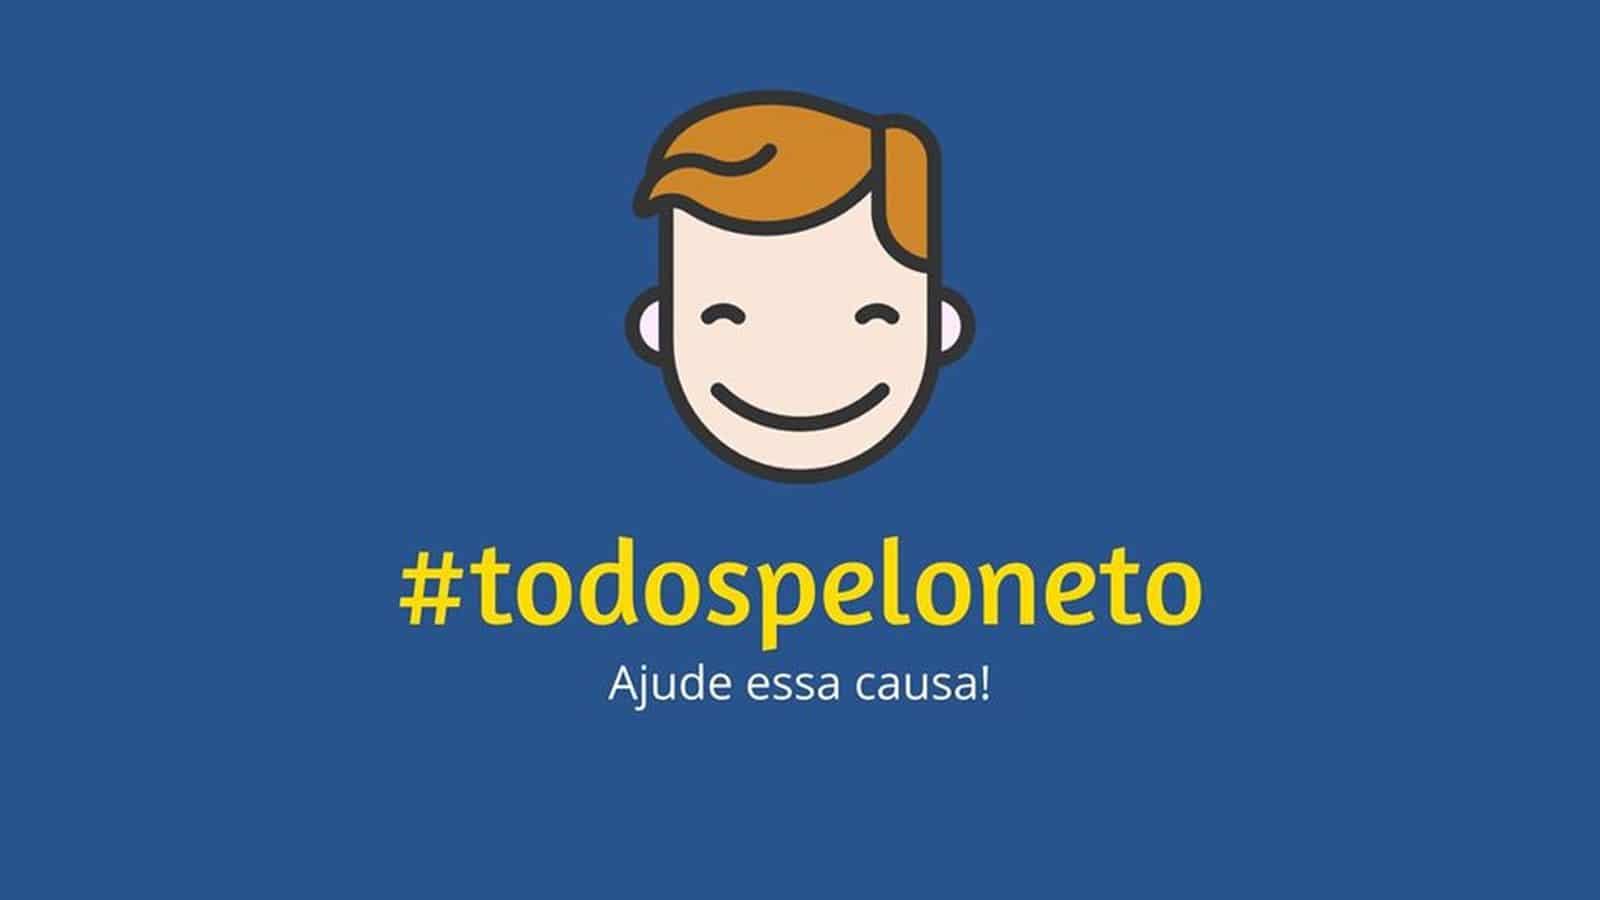 Campanha criada pela família convoca o maior número de doadores de medula em Pedrinhas Paulista — Foto: Divulgação/Lídia Pignataro